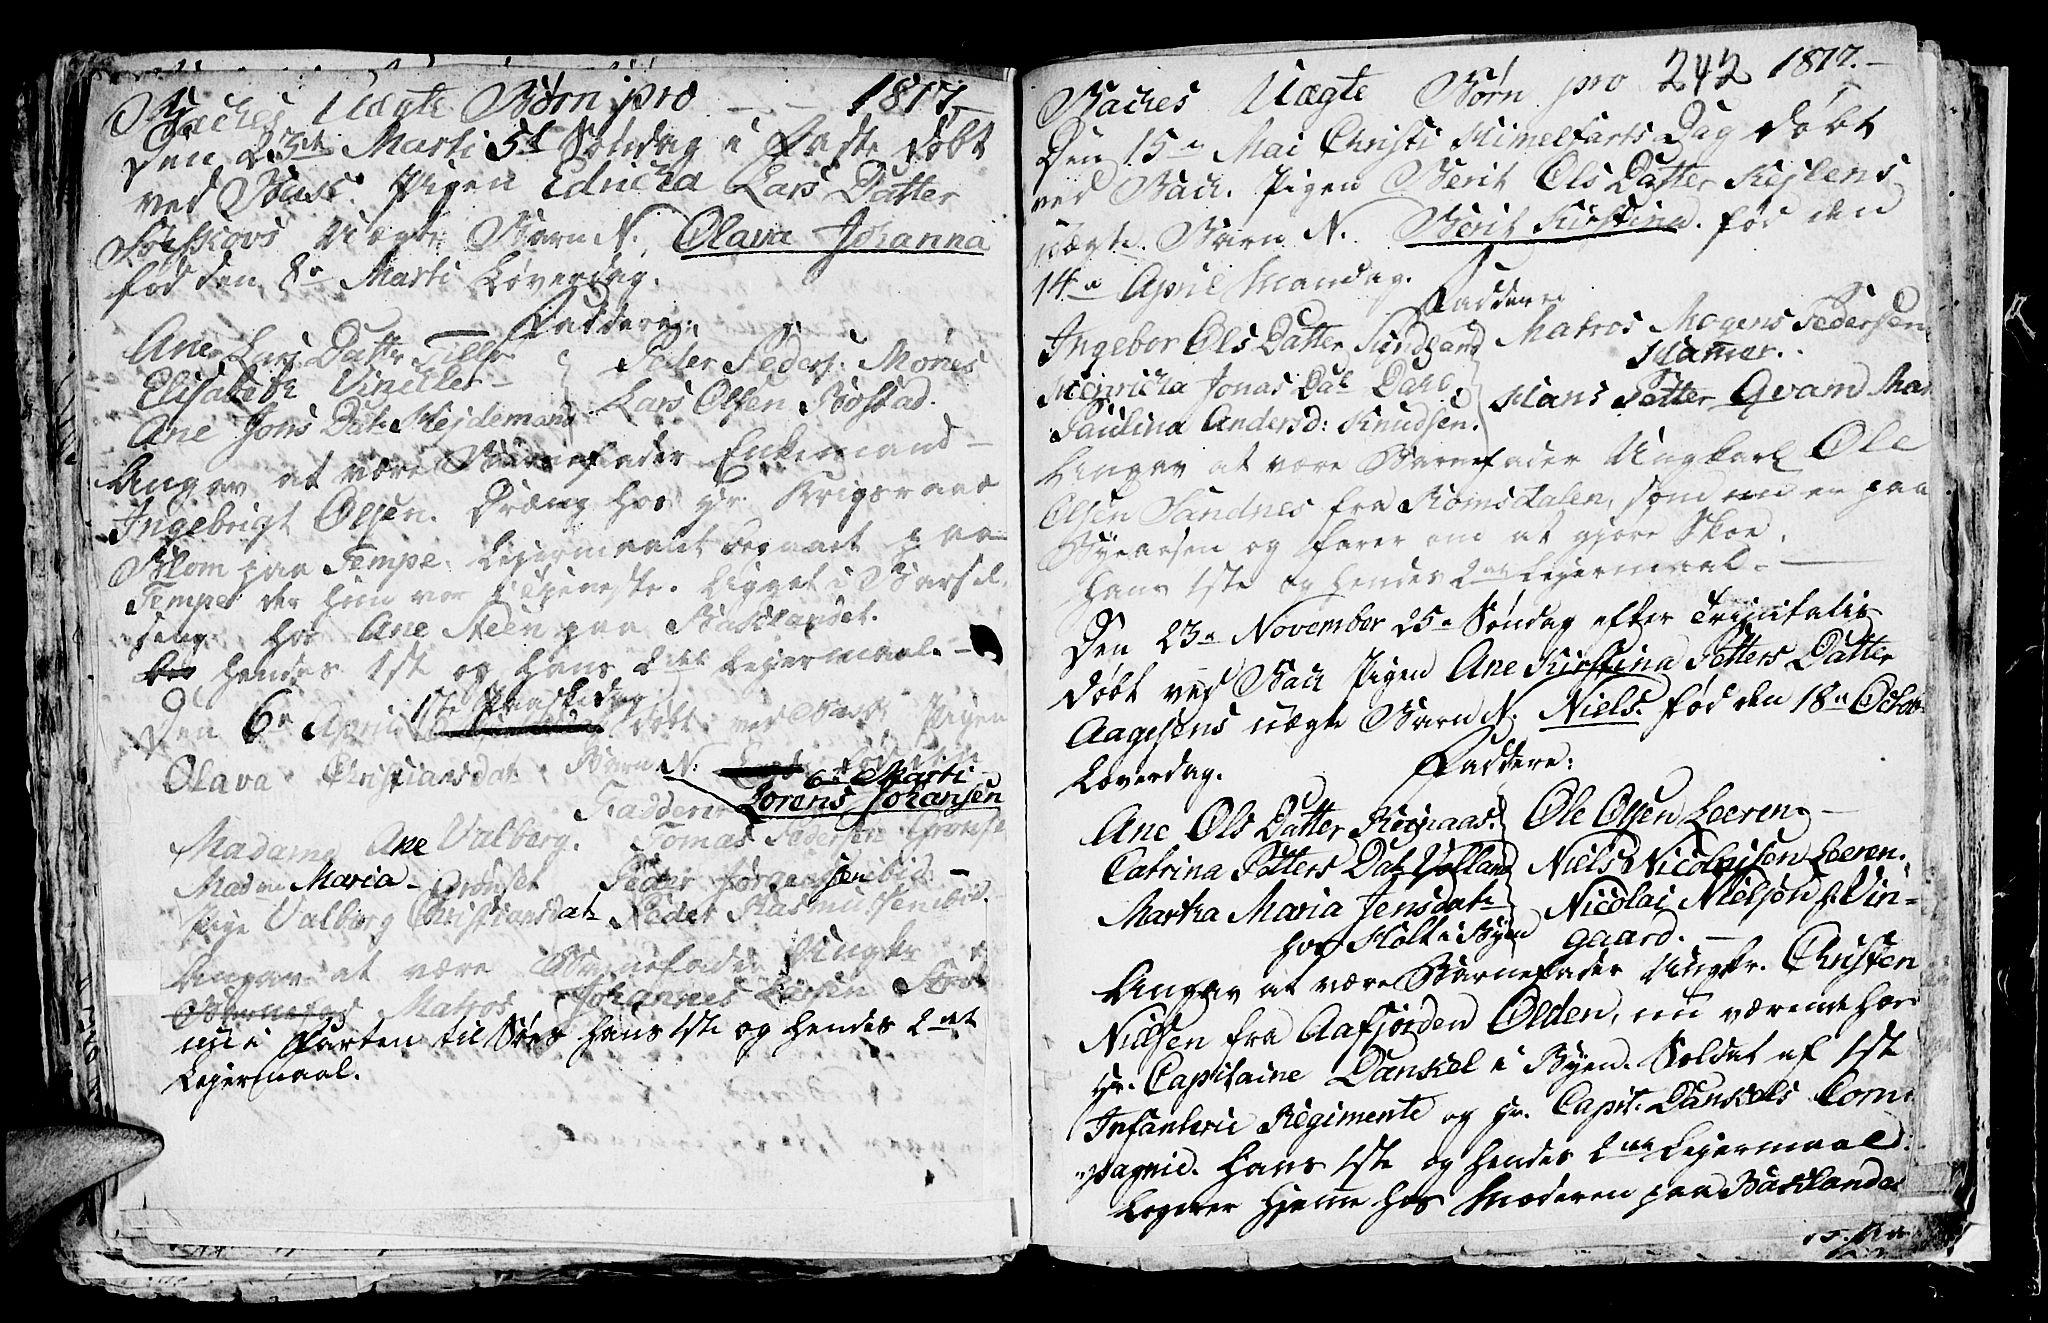 SAT, Ministerialprotokoller, klokkerbøker og fødselsregistre - Sør-Trøndelag, 604/L0218: Klokkerbok nr. 604C01, 1754-1819, s. 242